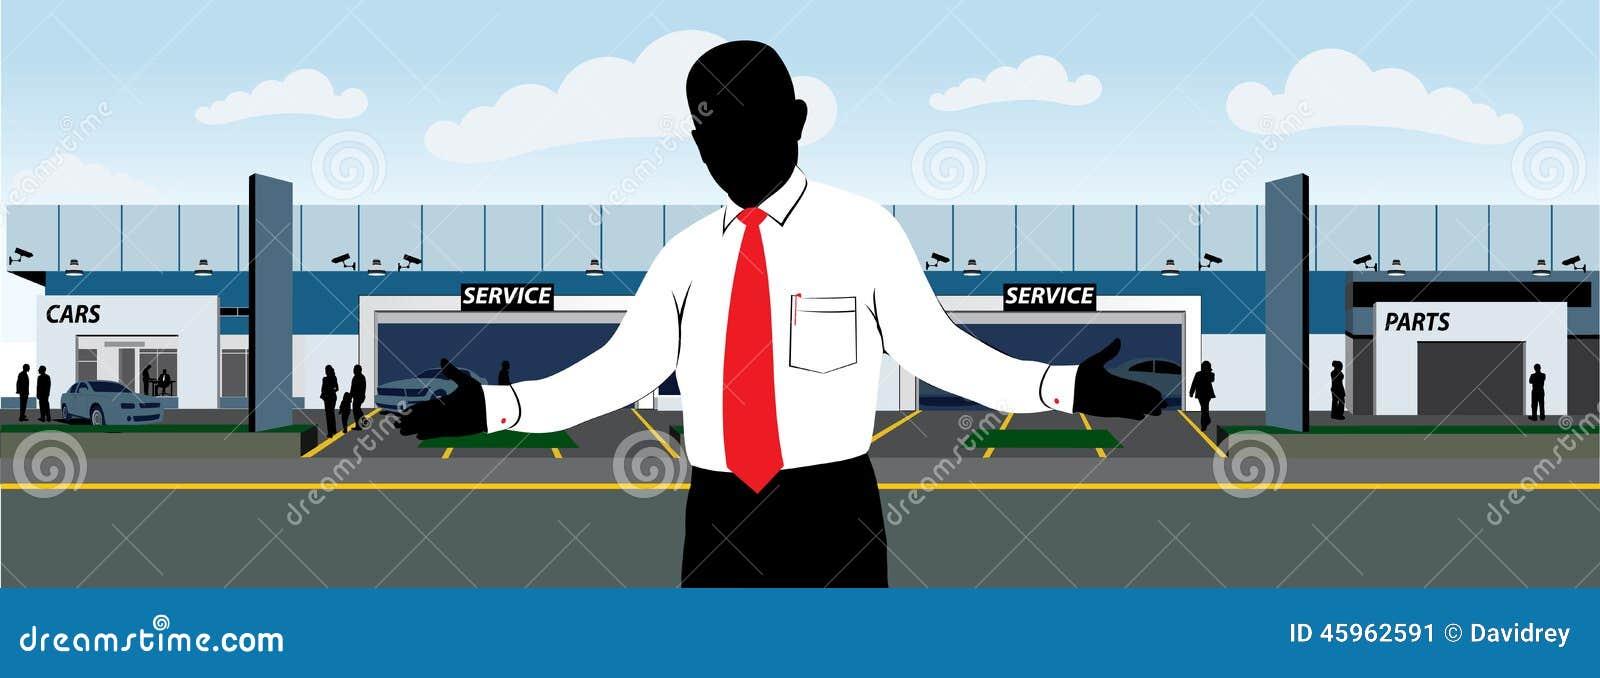 concessionnaire automobile avec le vendeur illustration de vecteur illustration du. Black Bedroom Furniture Sets. Home Design Ideas